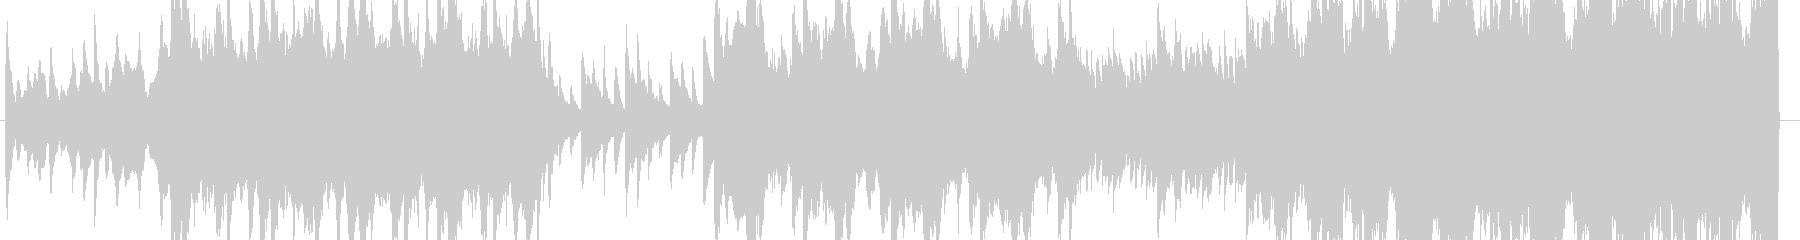 ピアノとコーラスが神秘的で幻想的な曲の未再生の波形